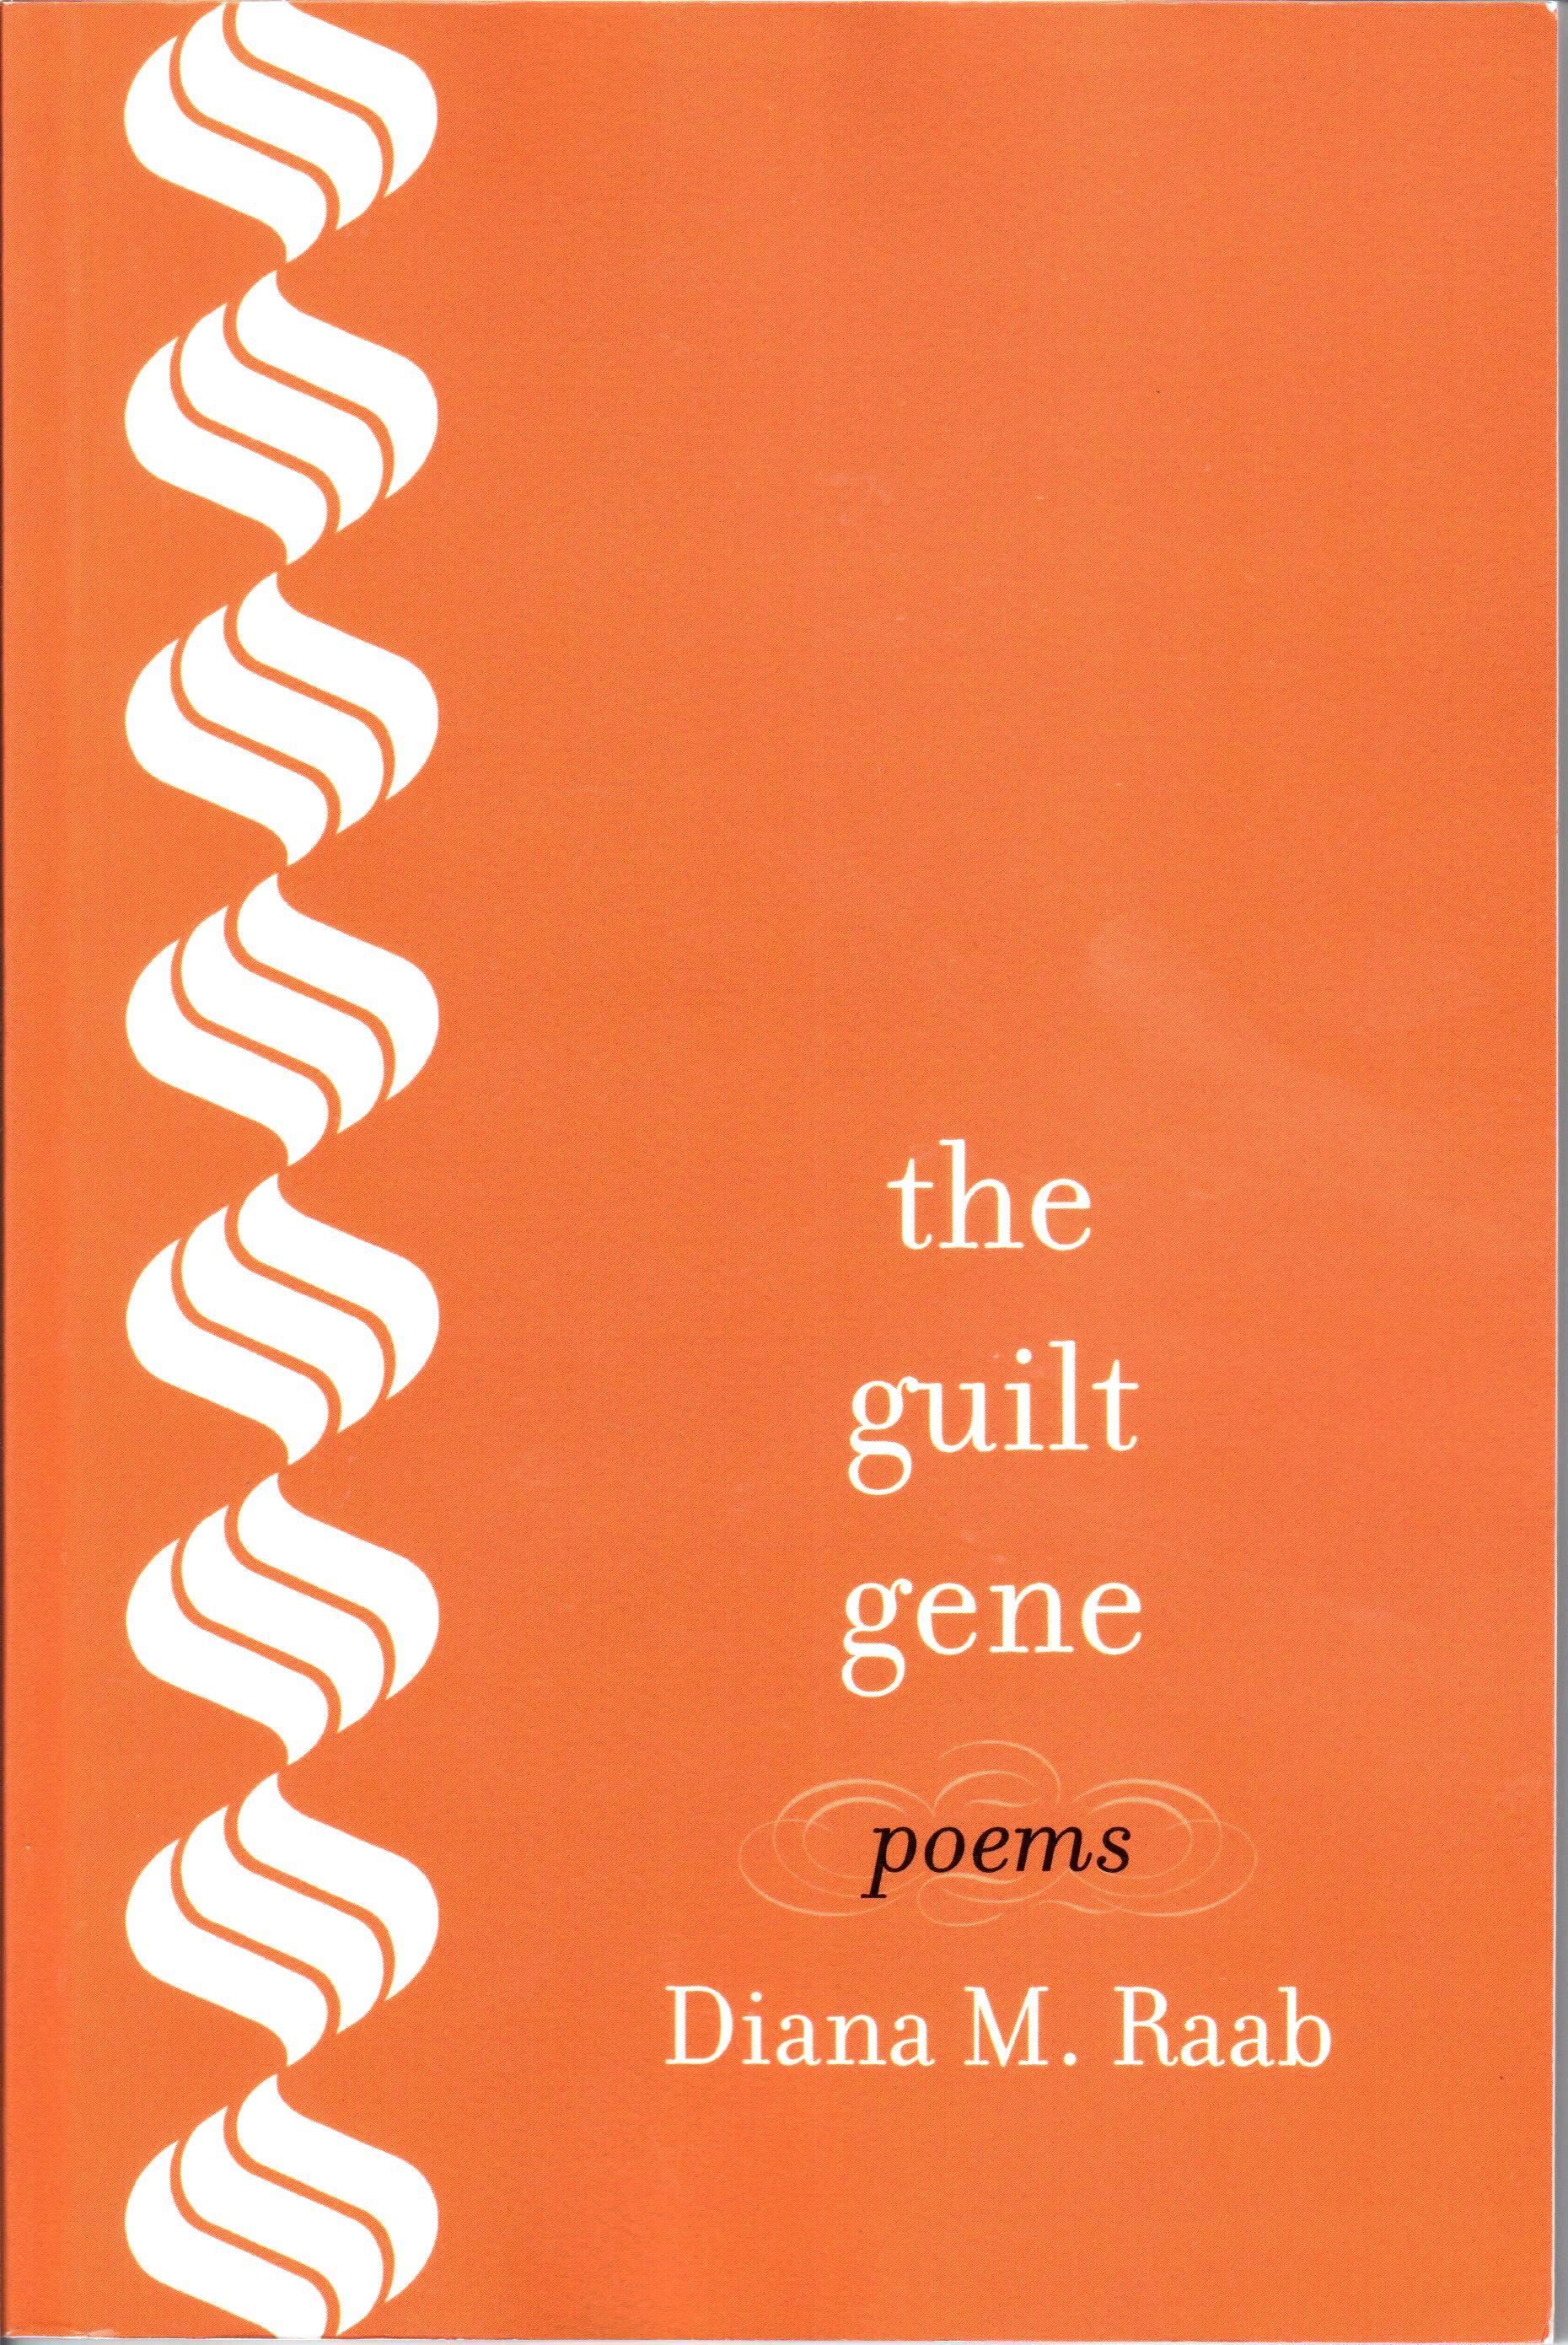 the guilt gene_cover